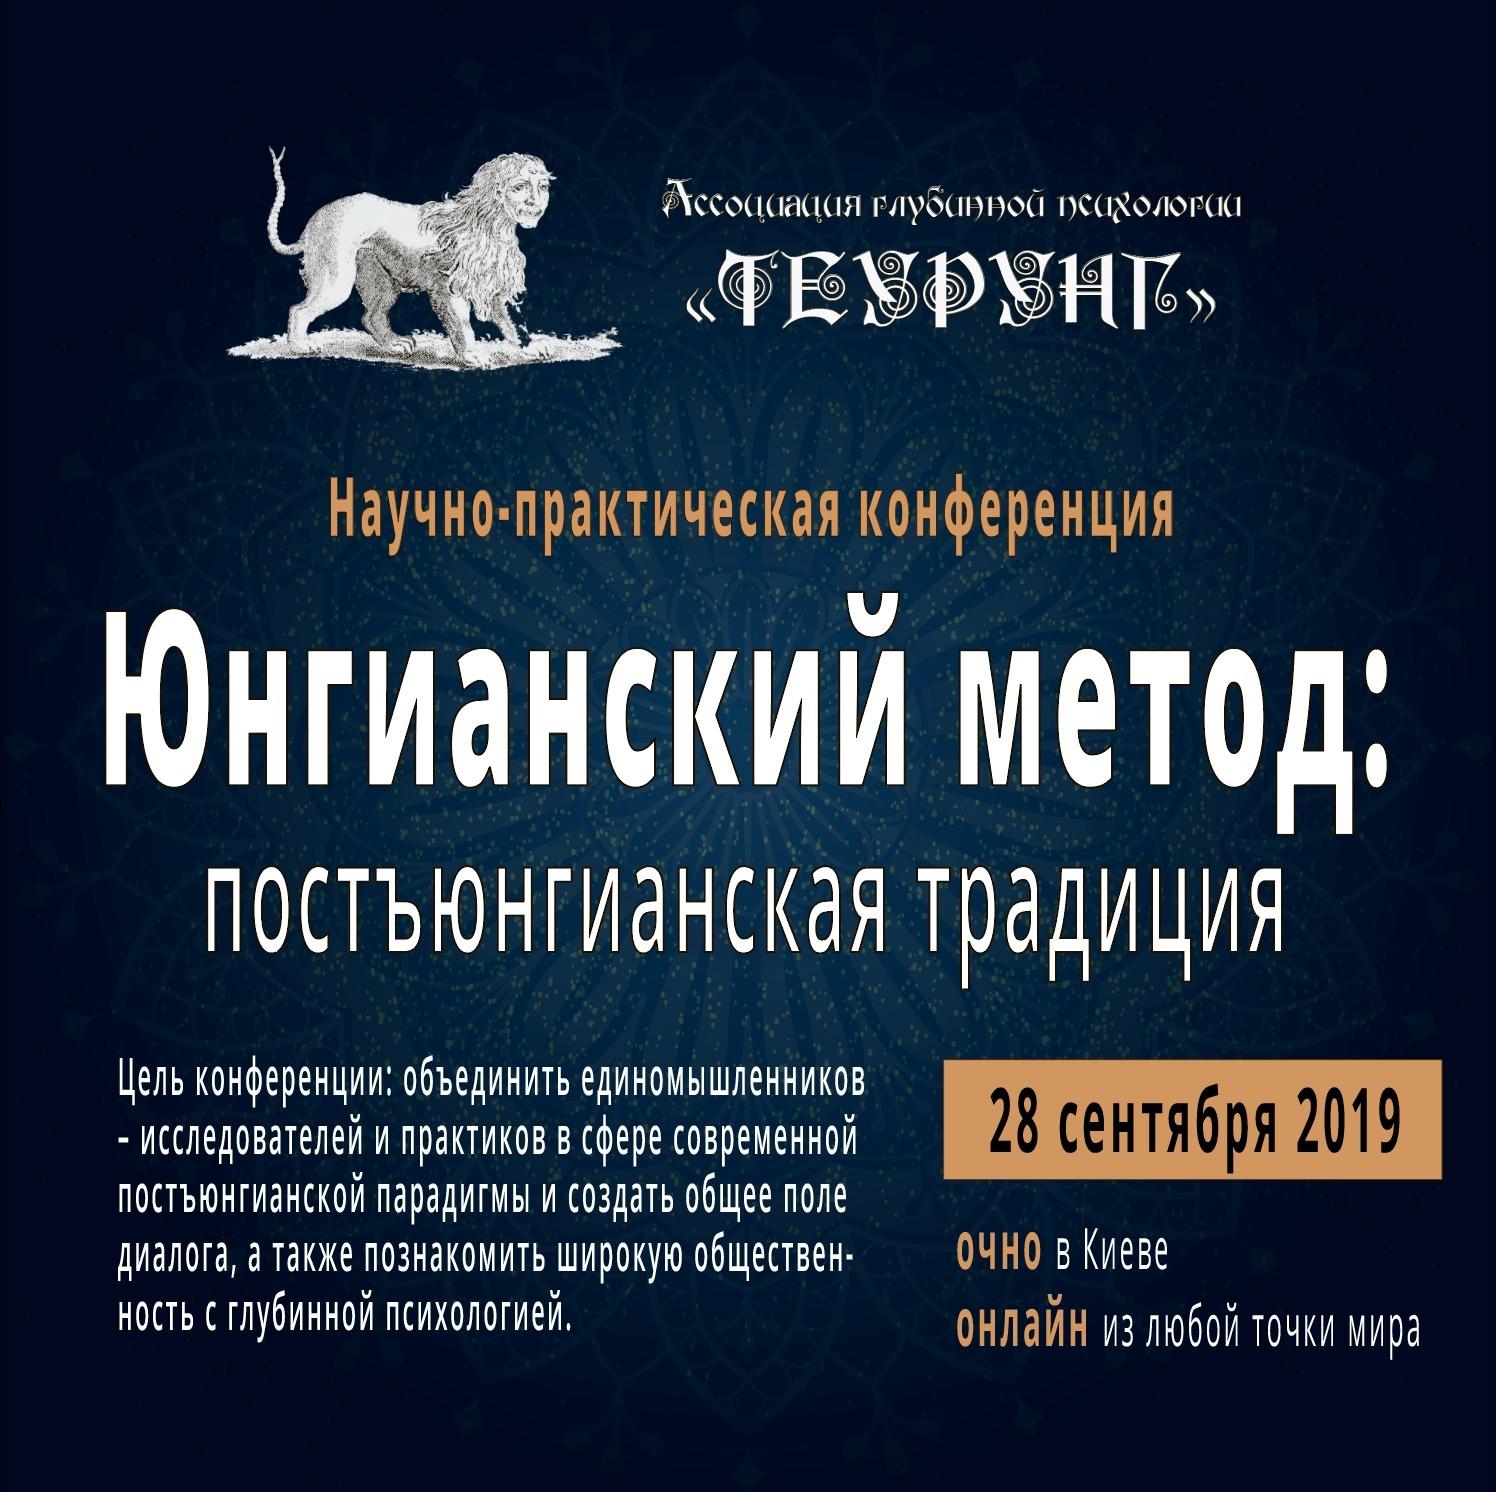 Научно-практическая конференция «Юнгианский метод: постъюнгианская традиция»